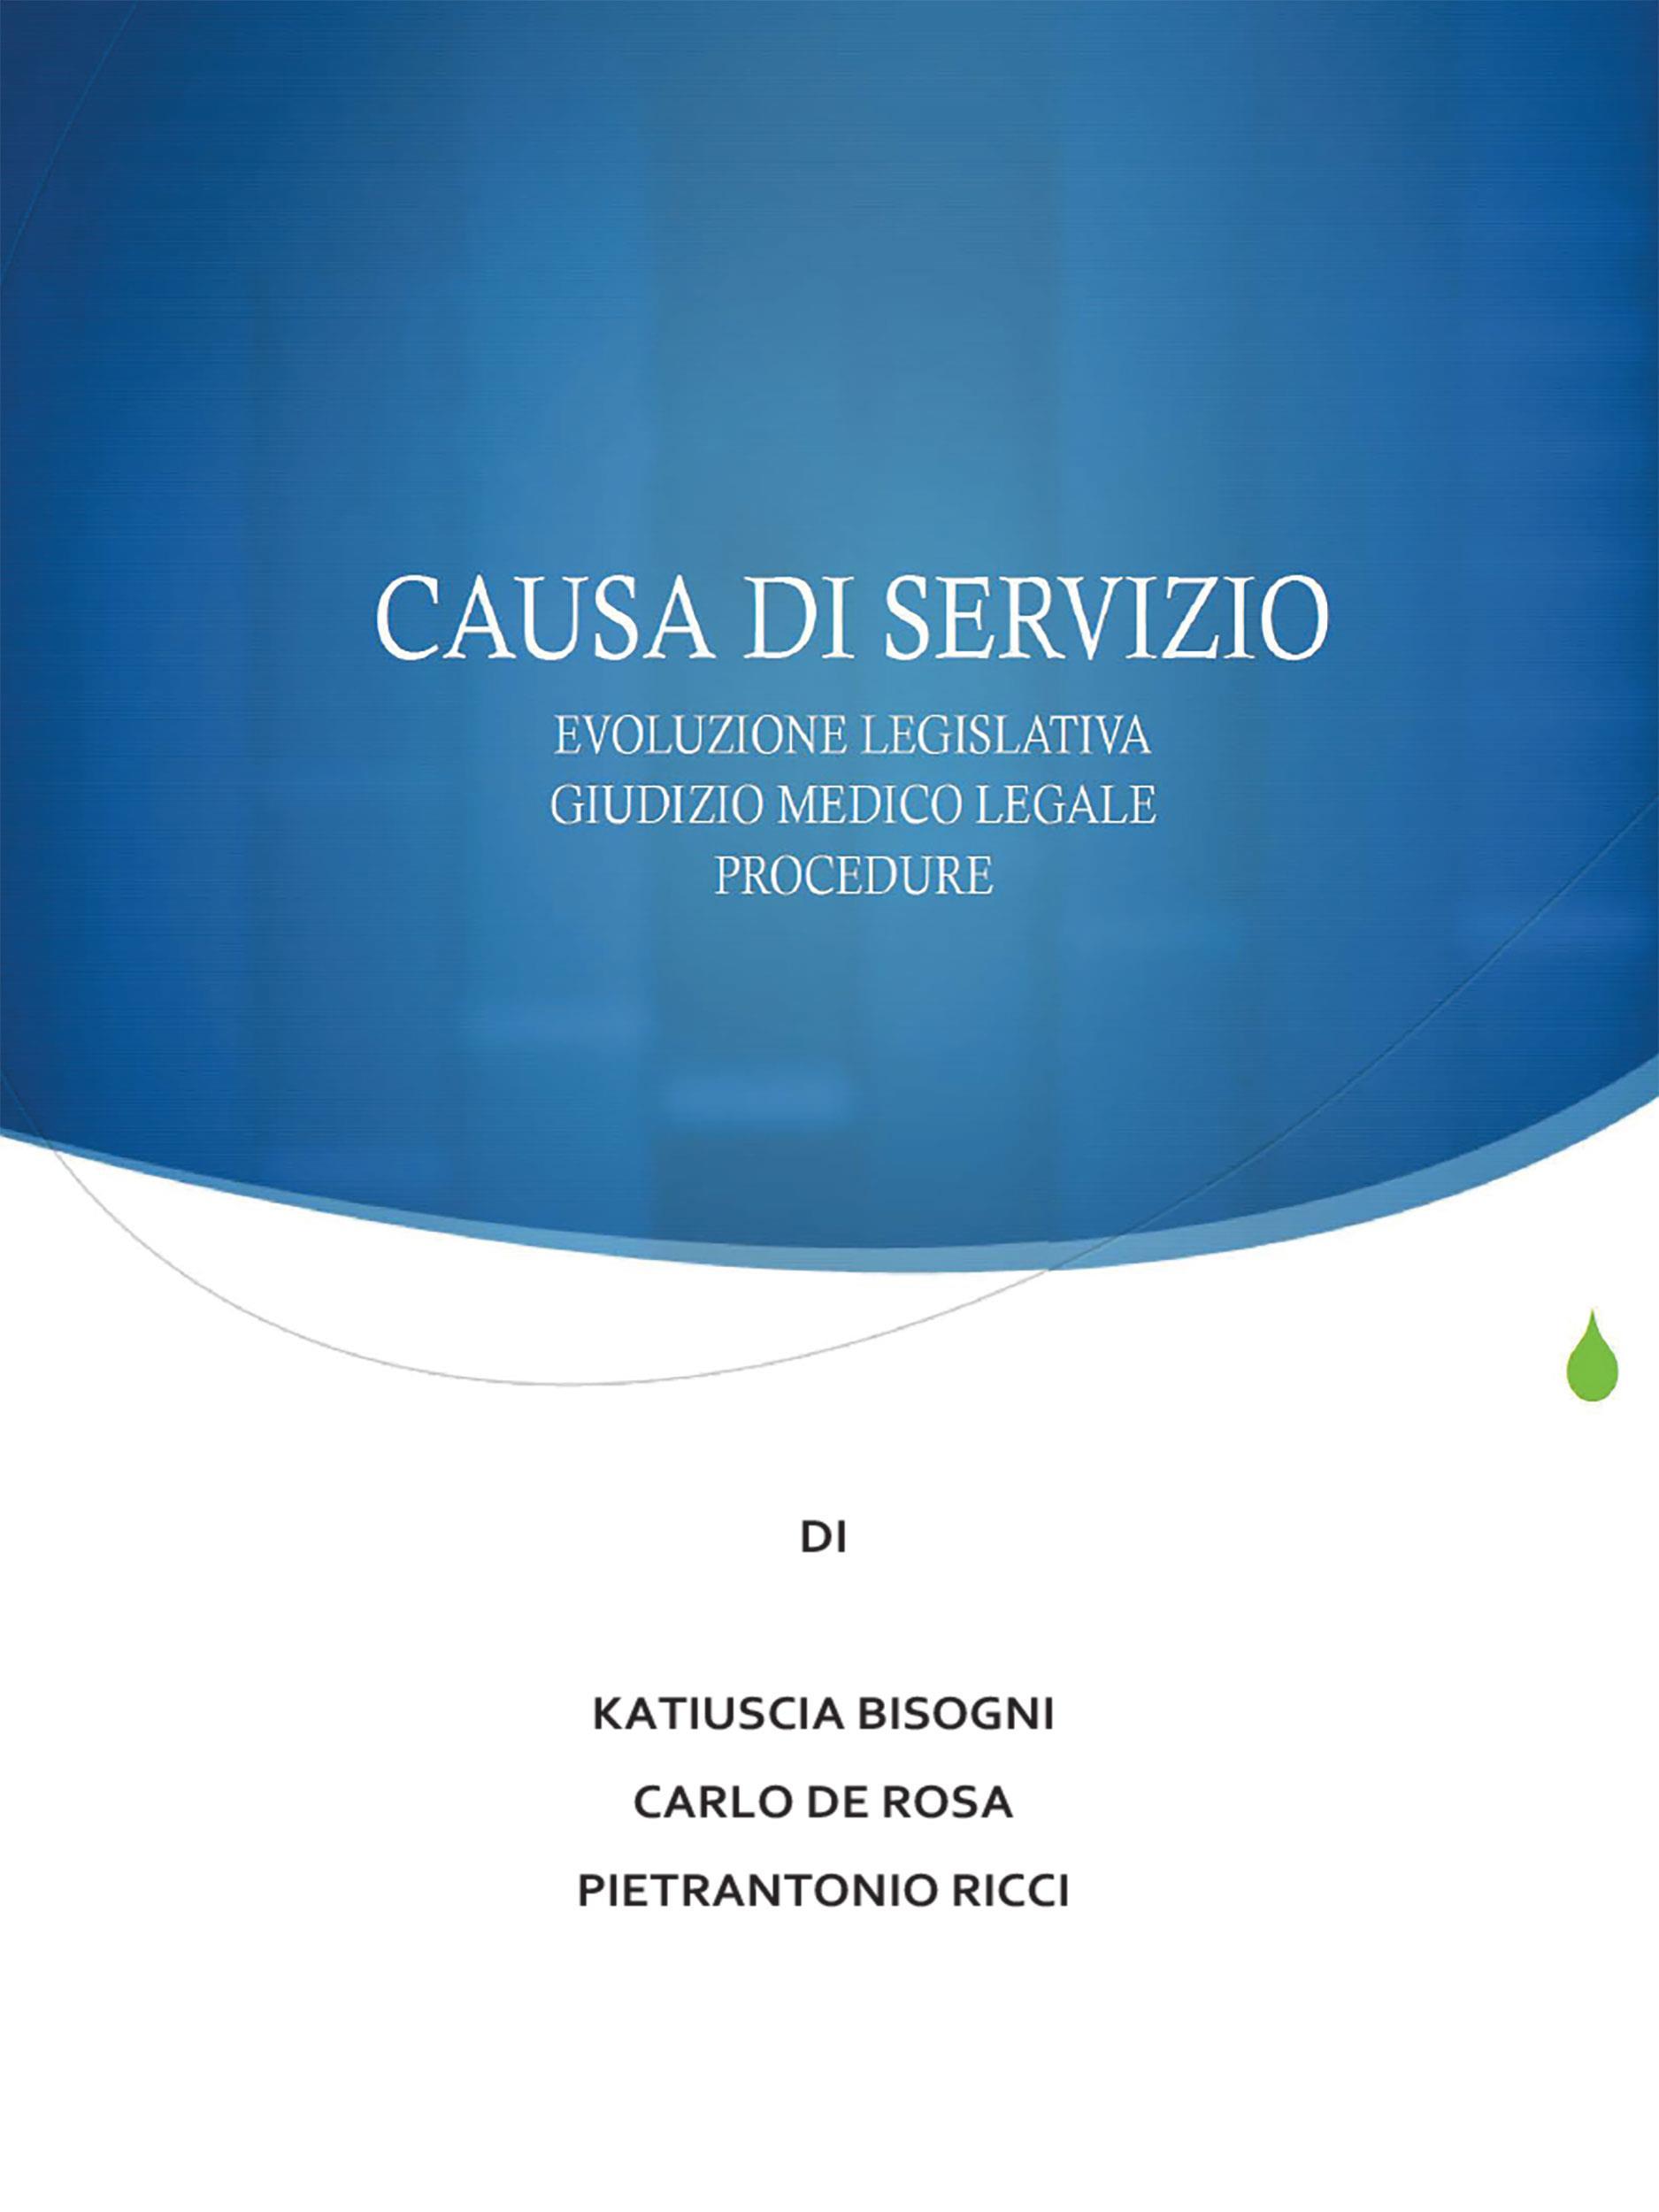 La causa di servizio: novità legislative, giudizio medico legale e procedure